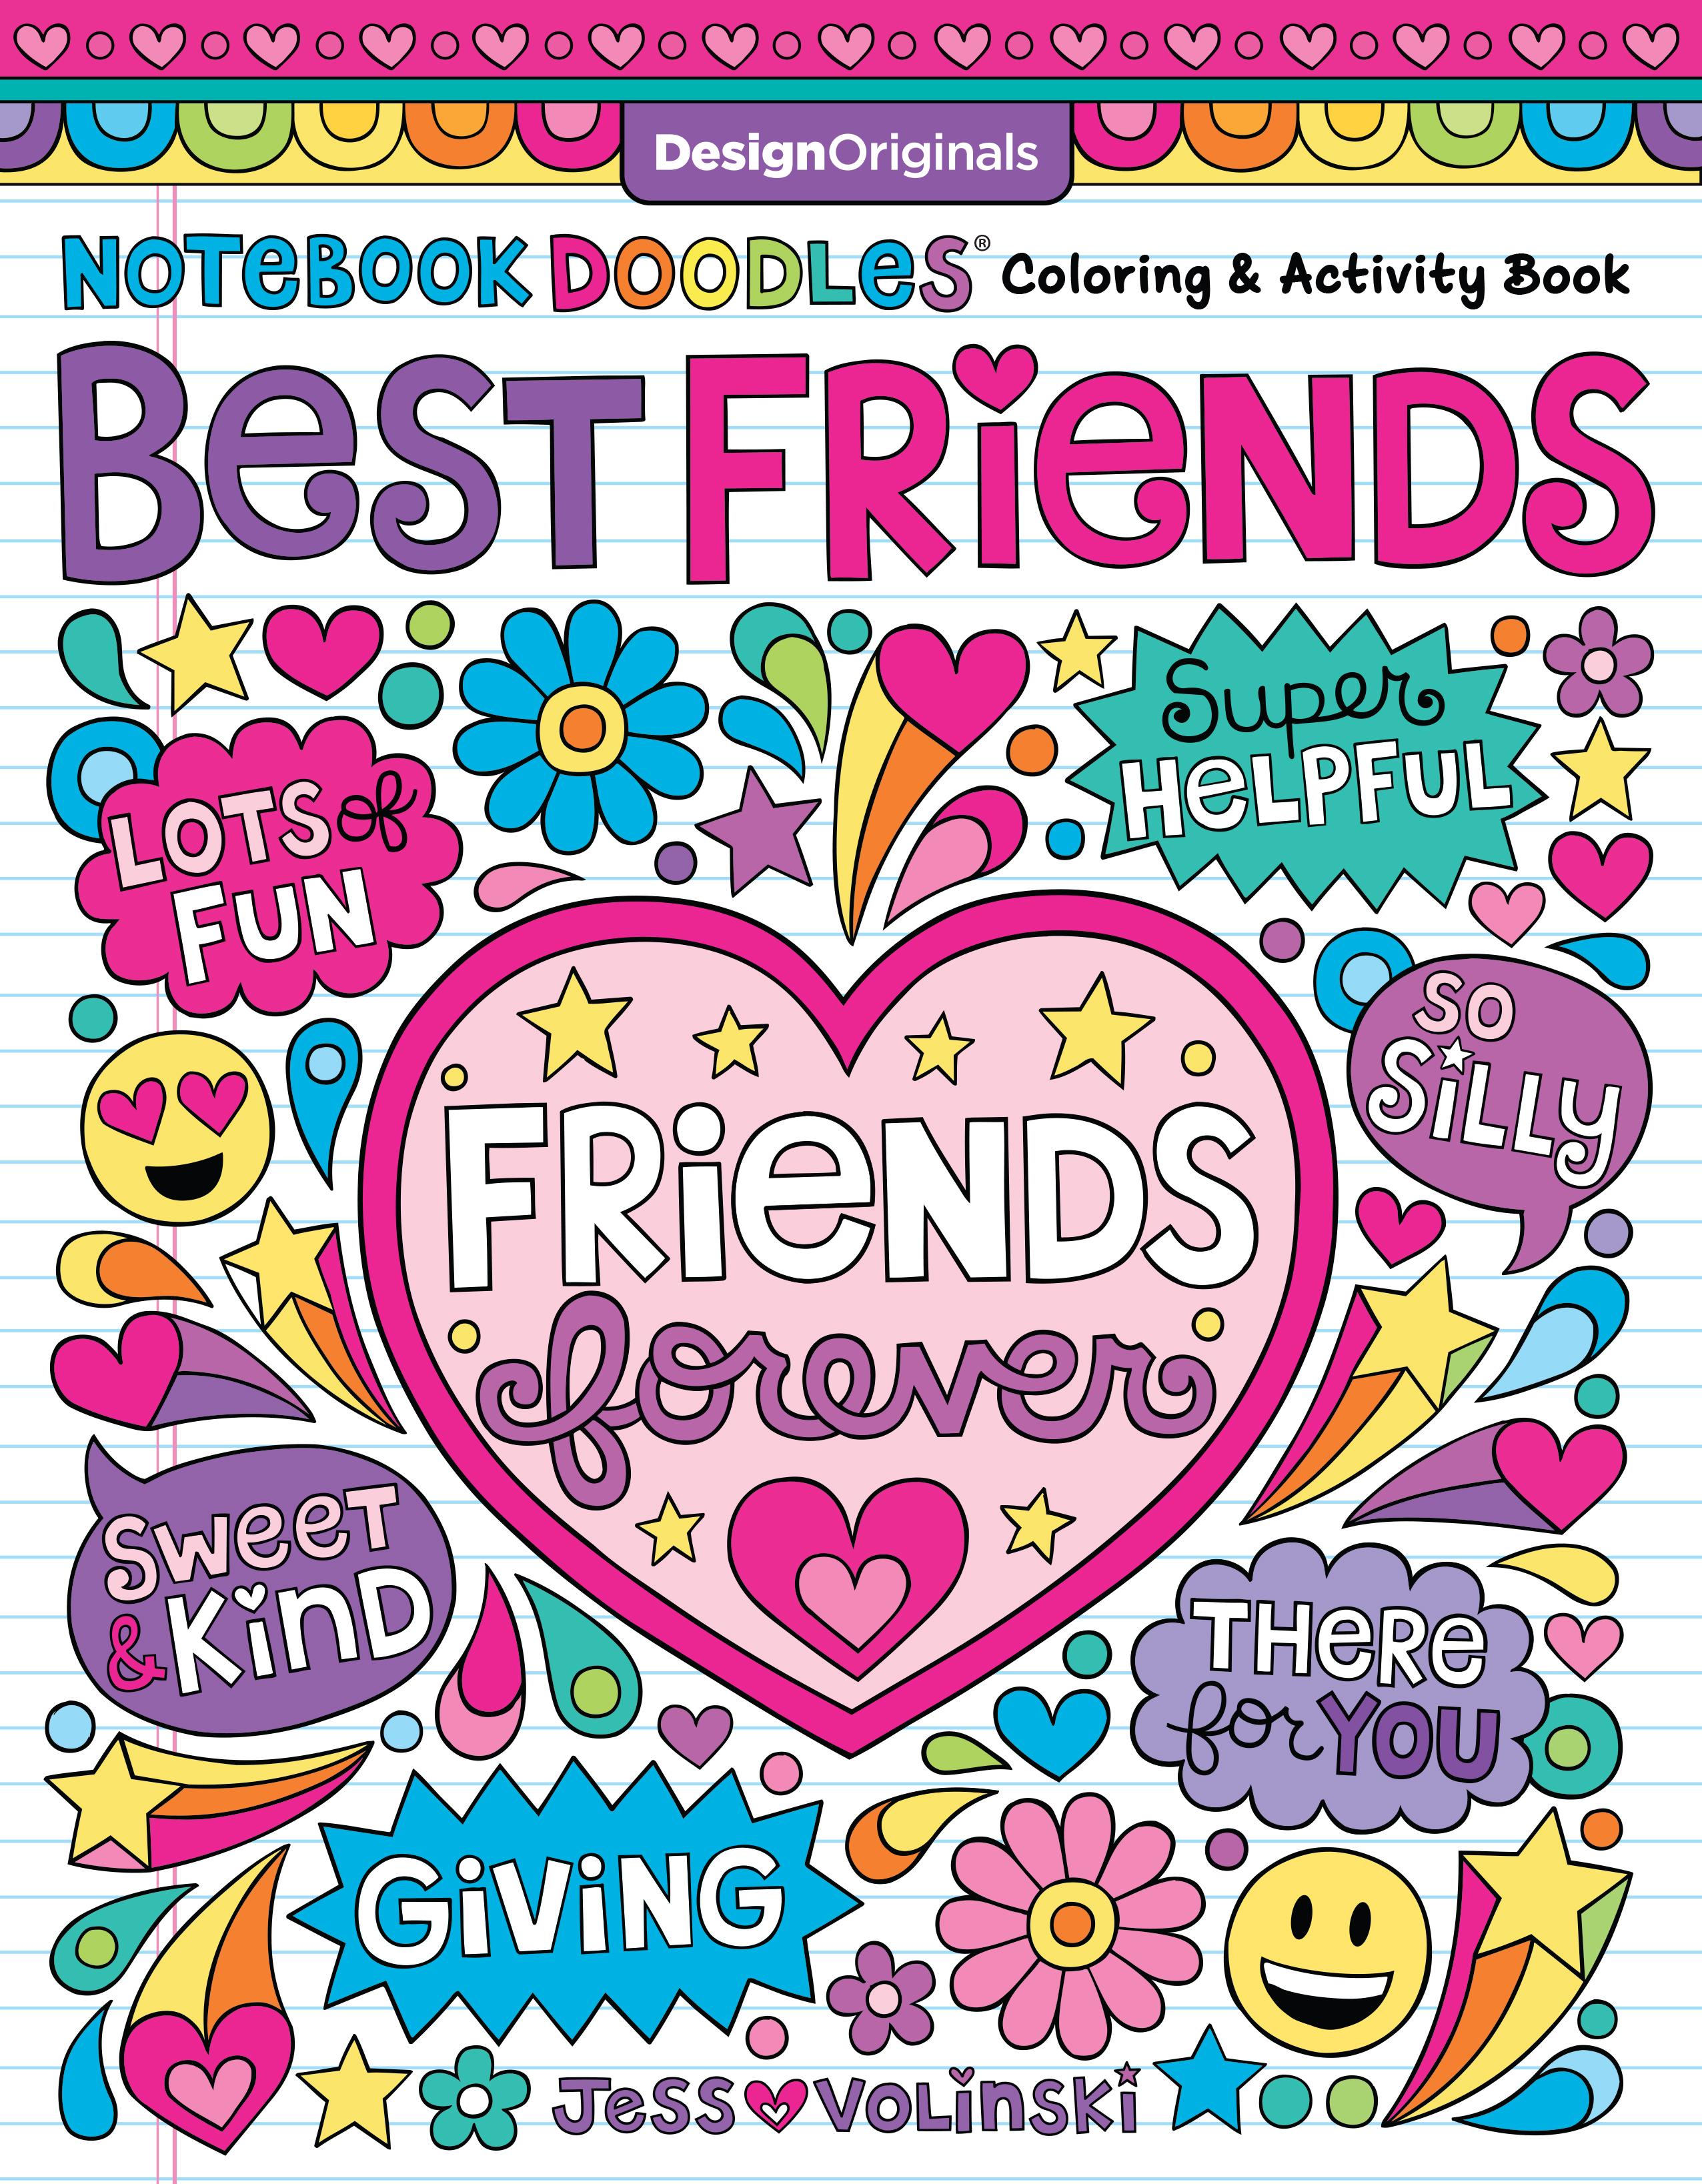 Notebook Doodles Best Friends